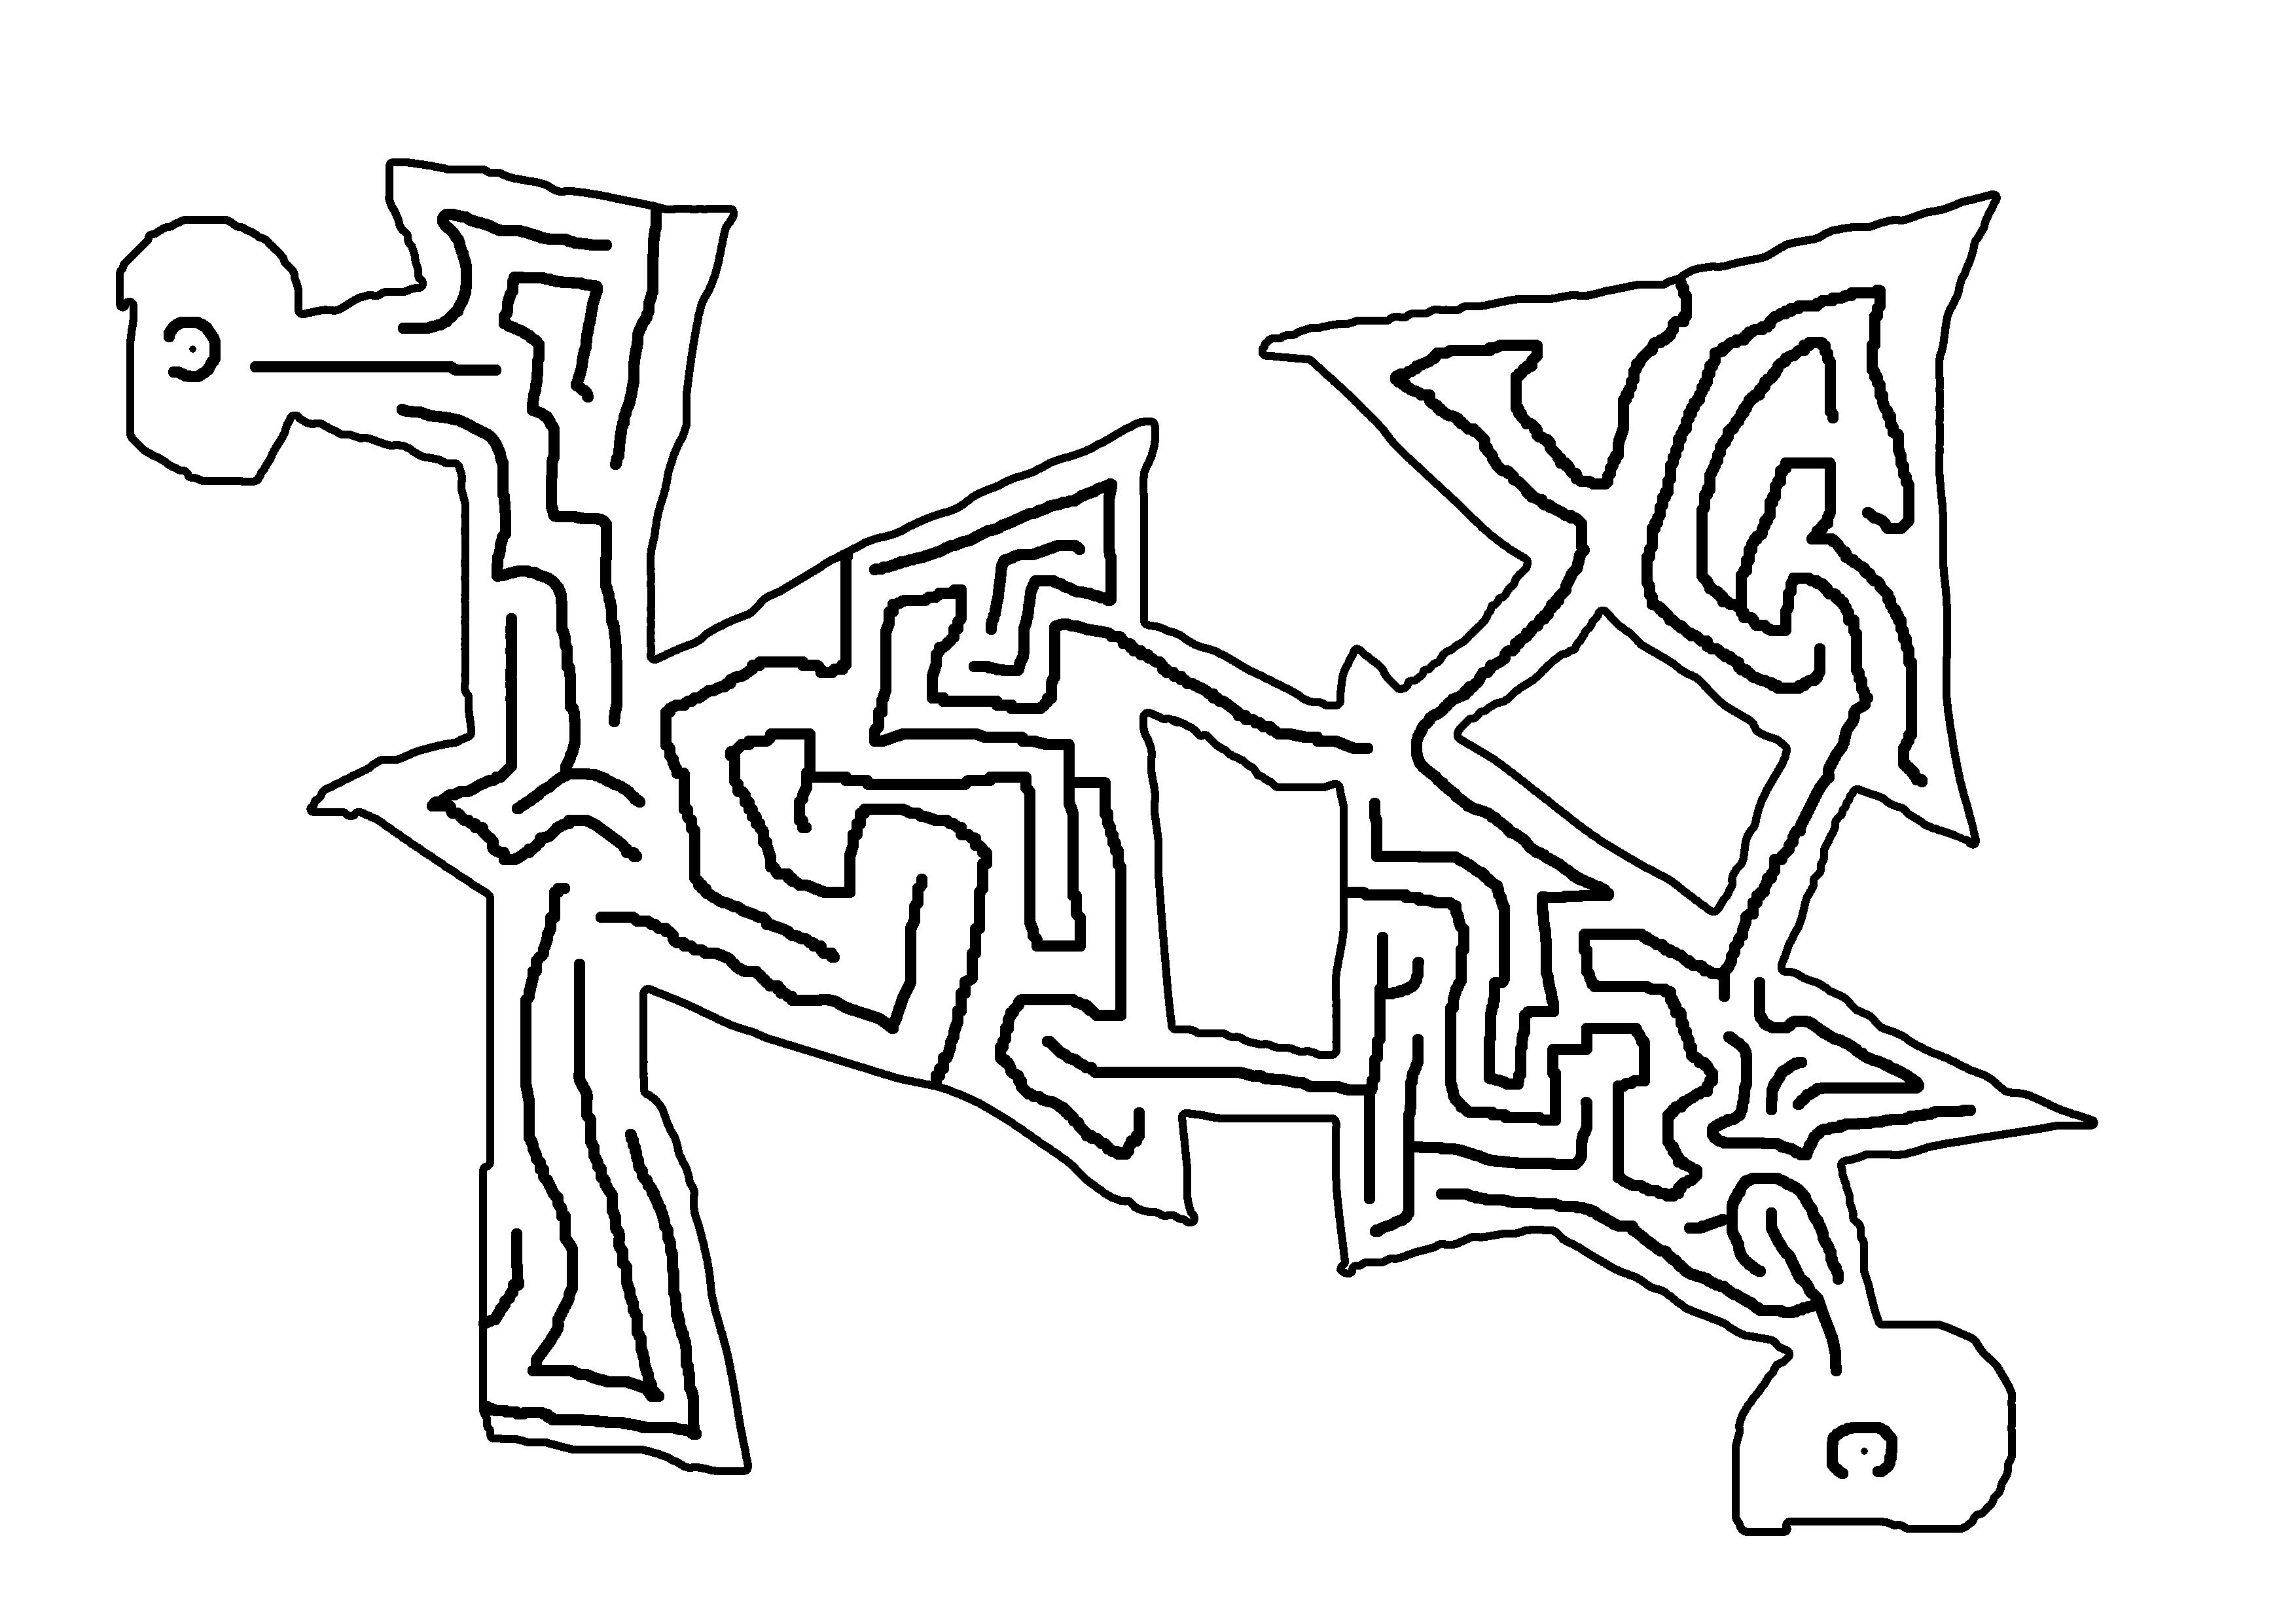 Drawn maze easy Shape left down dot drawn